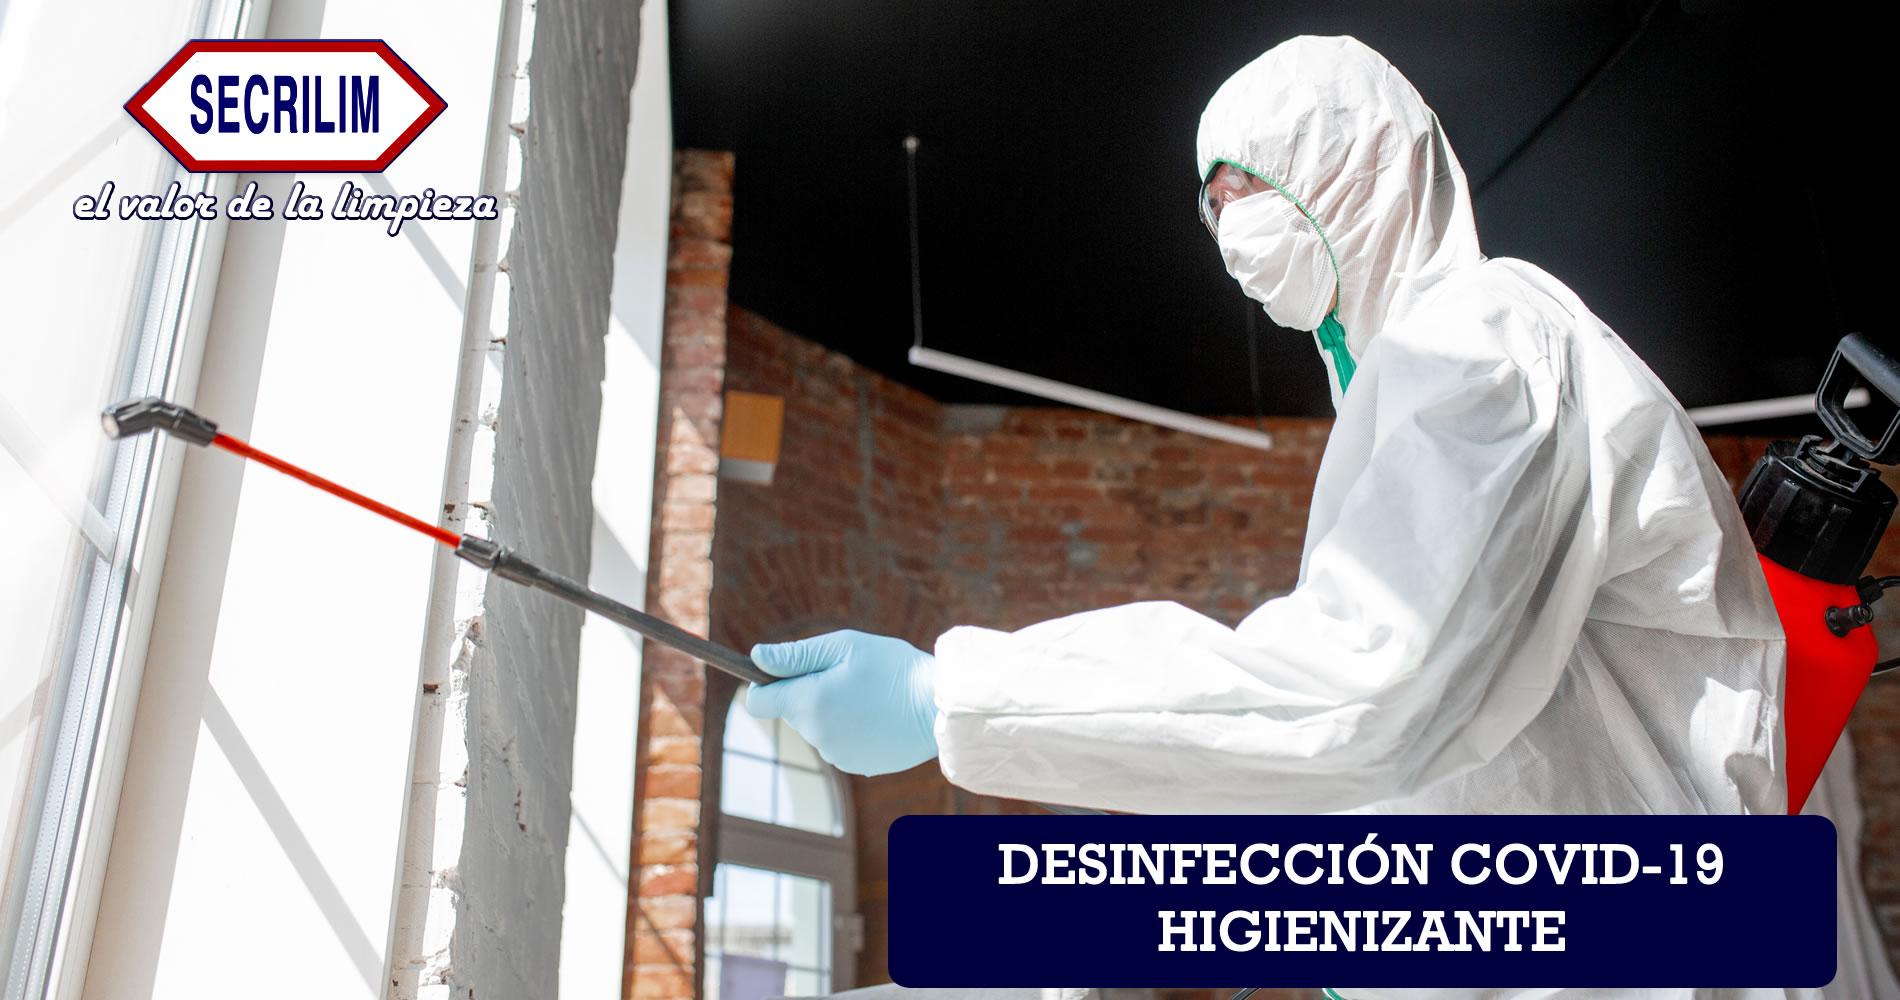 desinfección covid-19 higienizante